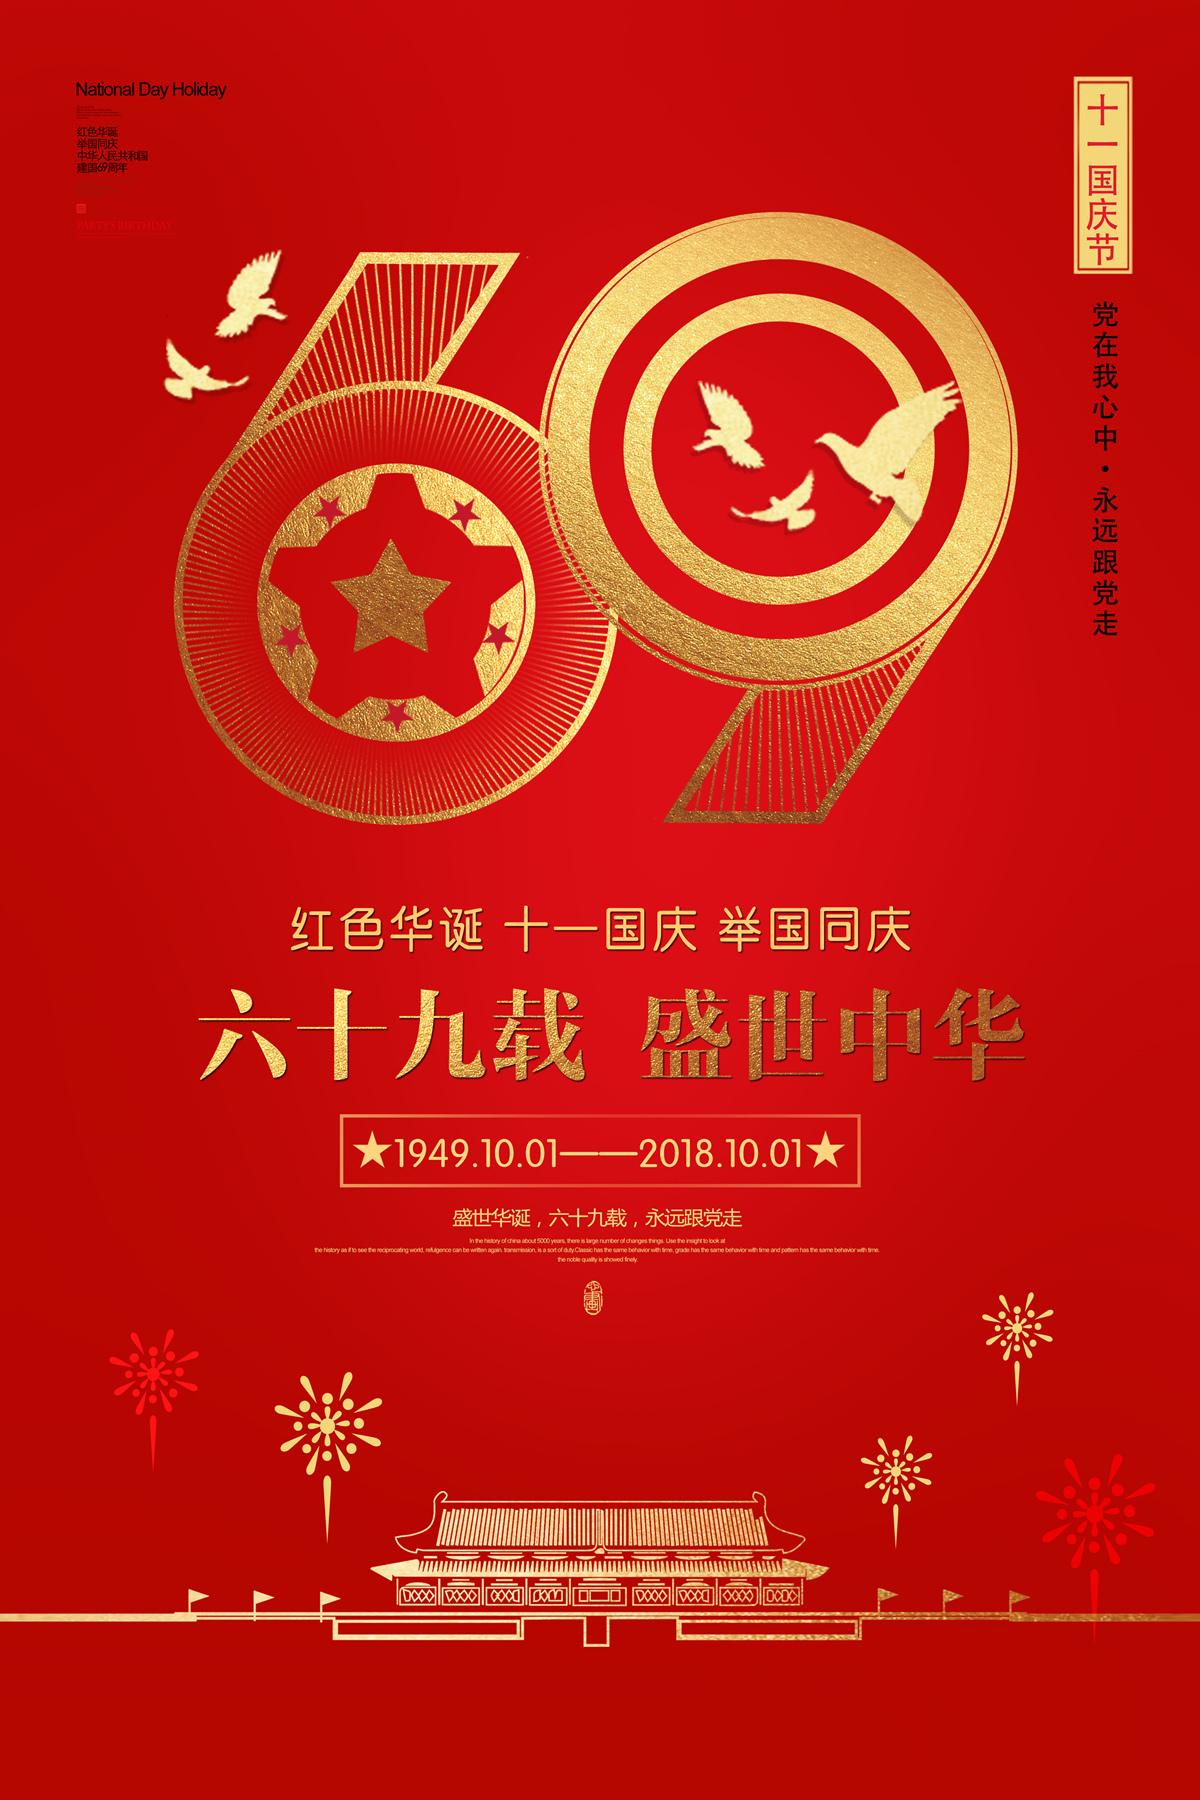 助贤网络恭祝2018国庆节